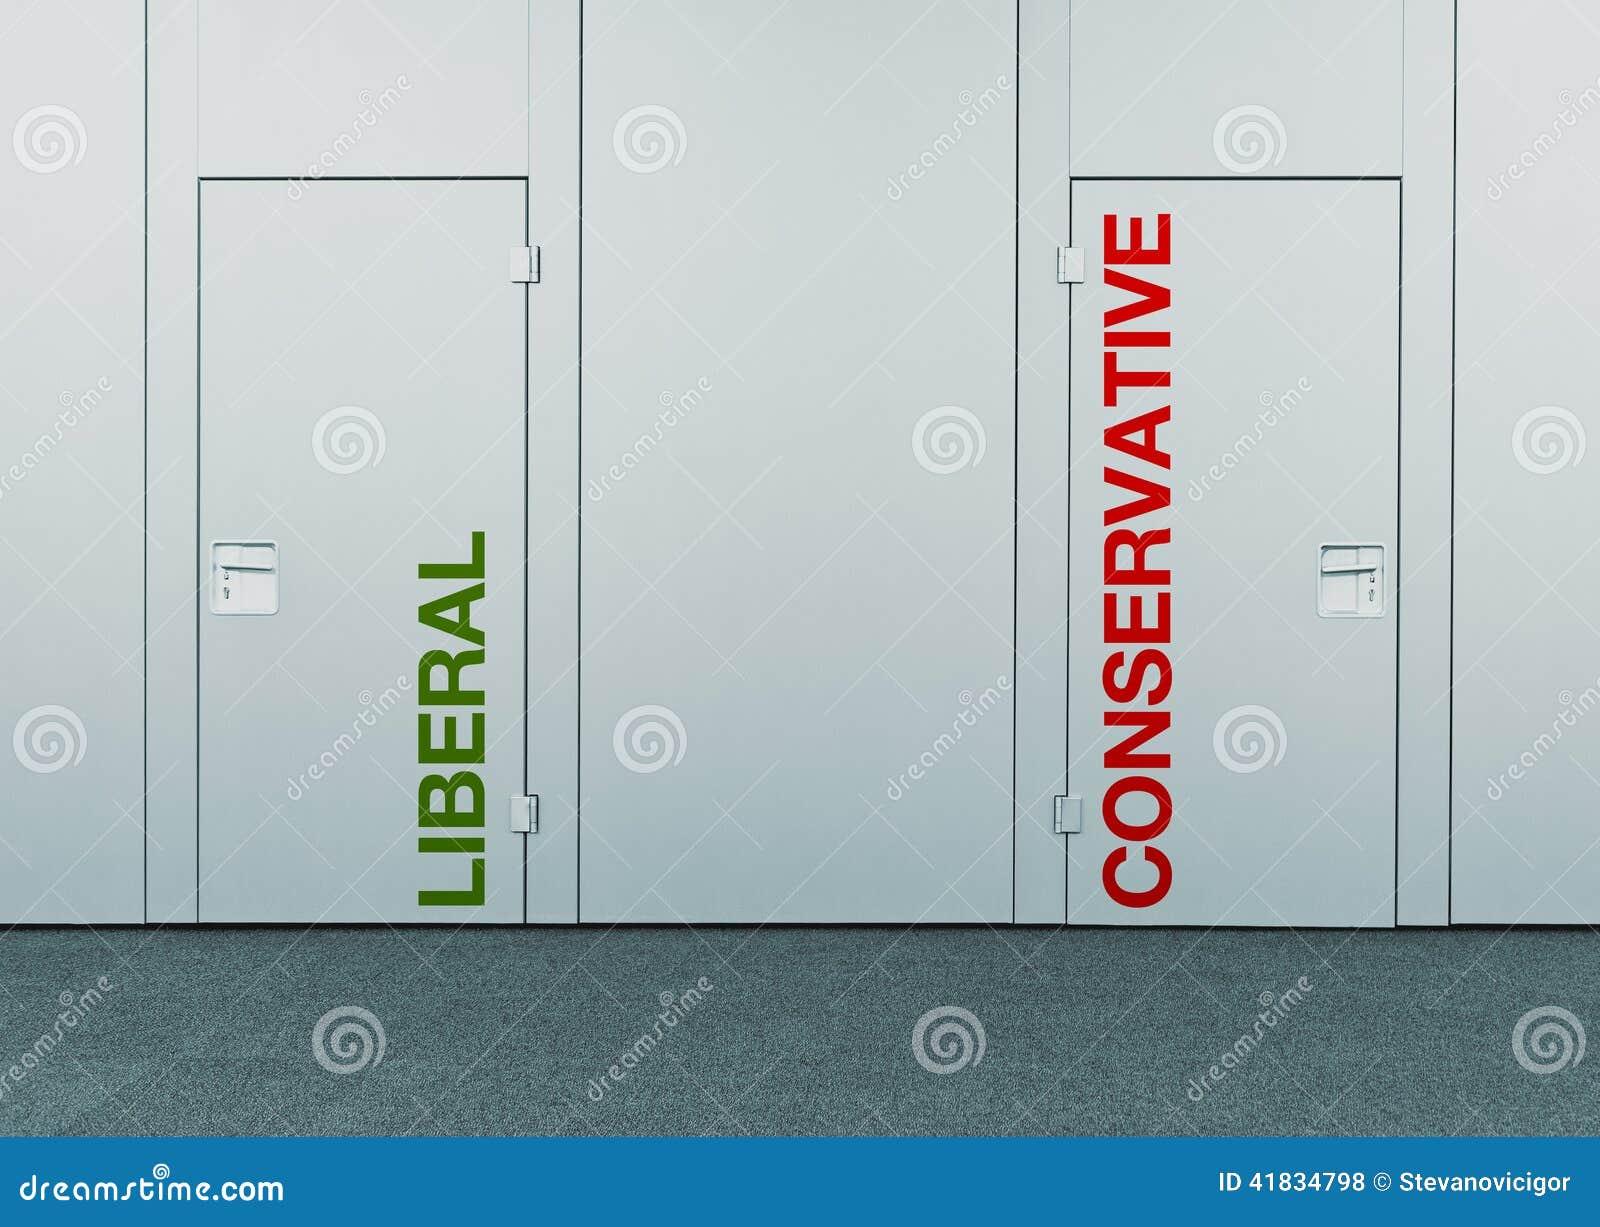 Либеральный или консервативный, концепция выбора